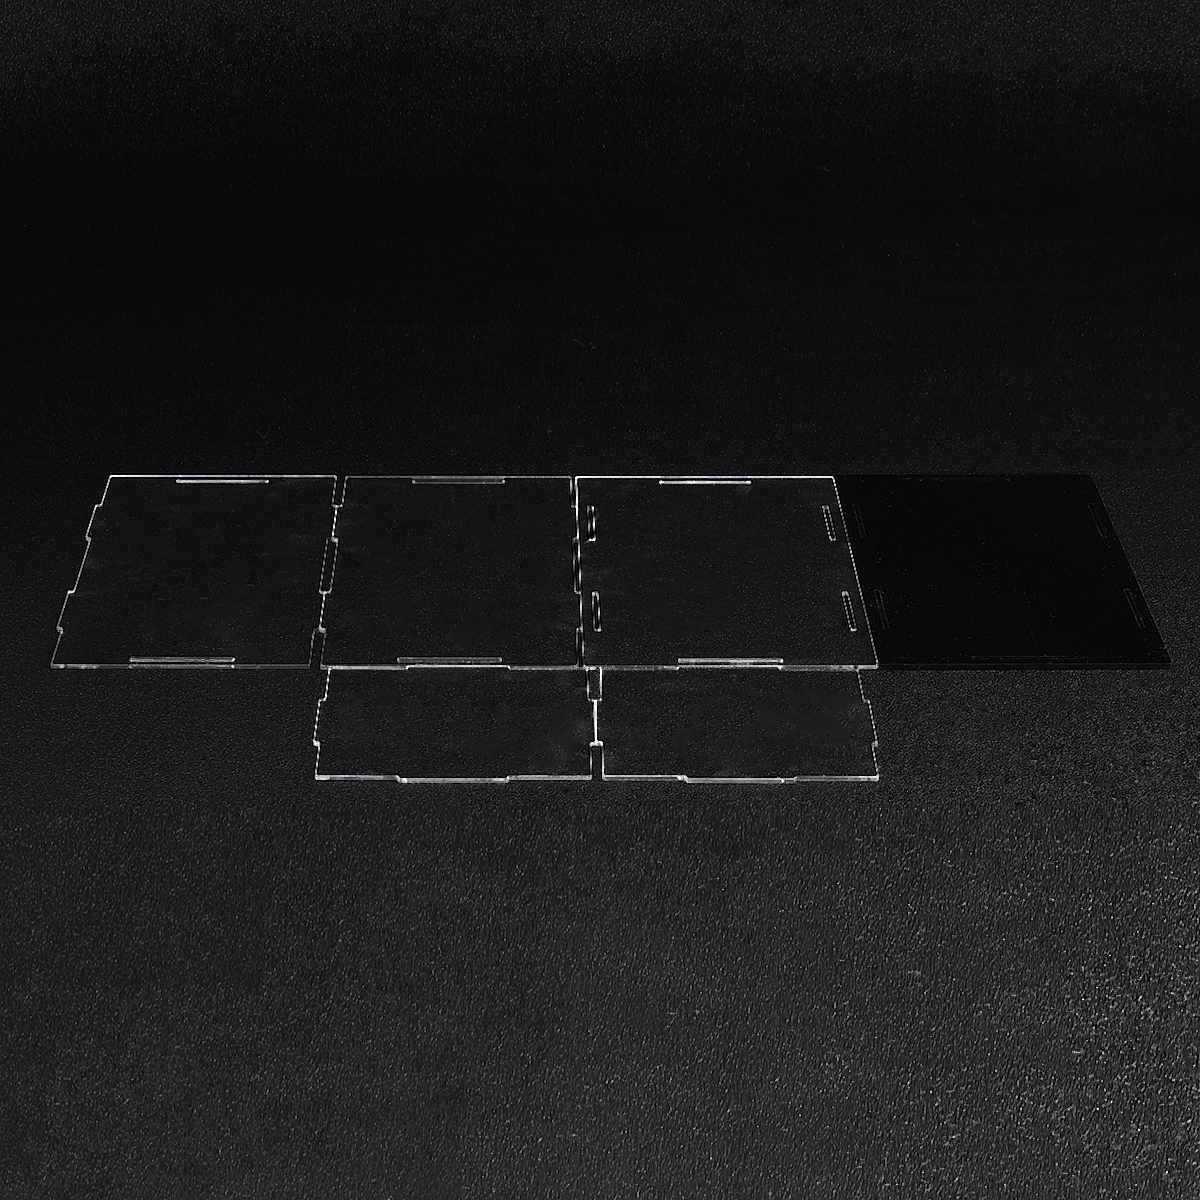 شفافة الاكريليك الجمعية عرض علبة علبة تخزين الغبار تظهر صندوق 20X10X10 سنتيمتر